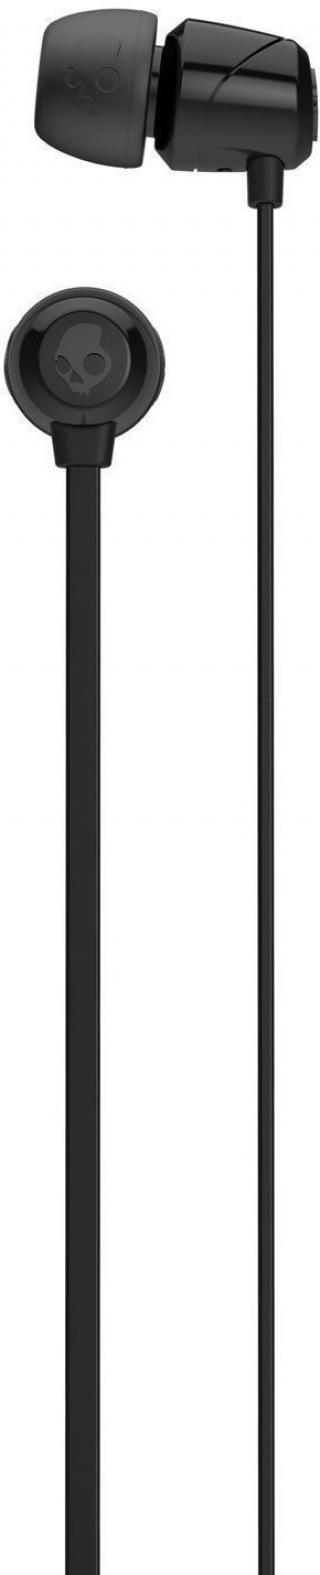 Skullcandy JIB Earbud Black